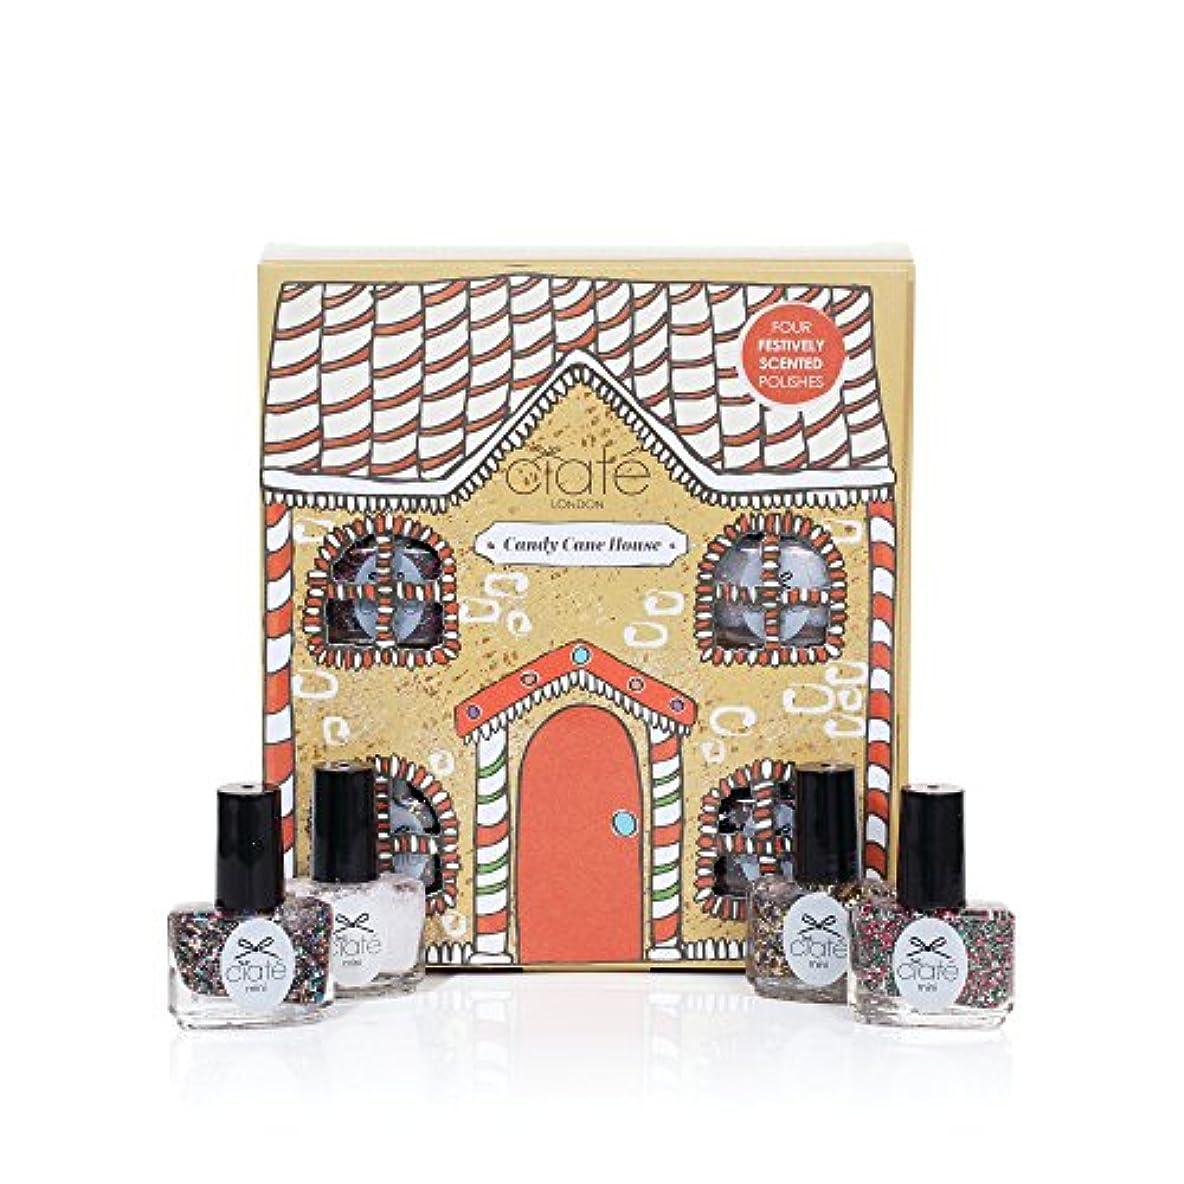 タイトルブラシくつろぐCiate London シアテロンドン キャンディーケイン ハウス Candy Cane House 香り付き ネイル ポリッシュ 5mL×4本入りセット